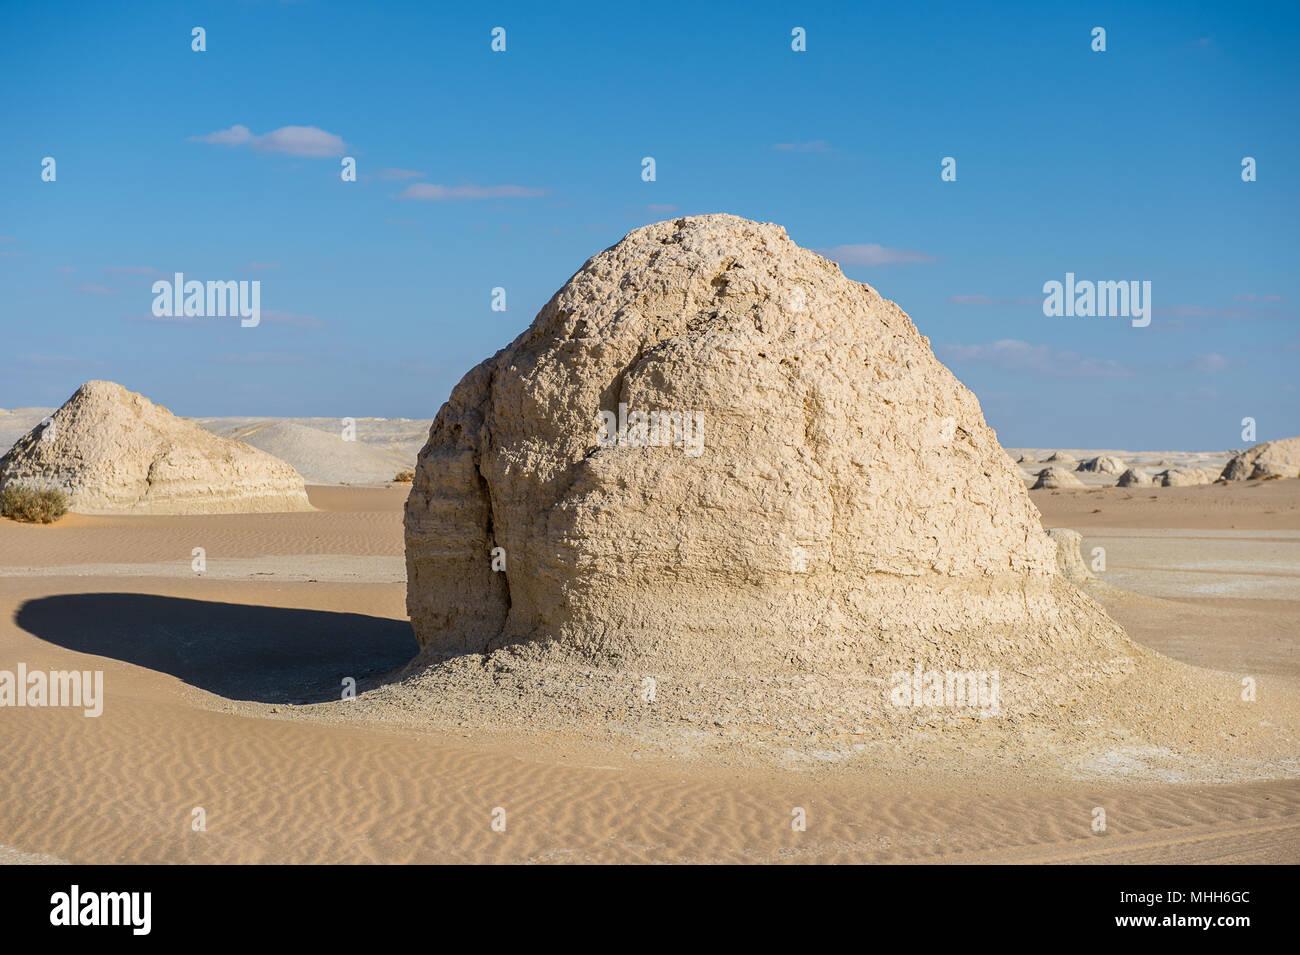 White desert formations at the white desert in Egypt - Stock Image